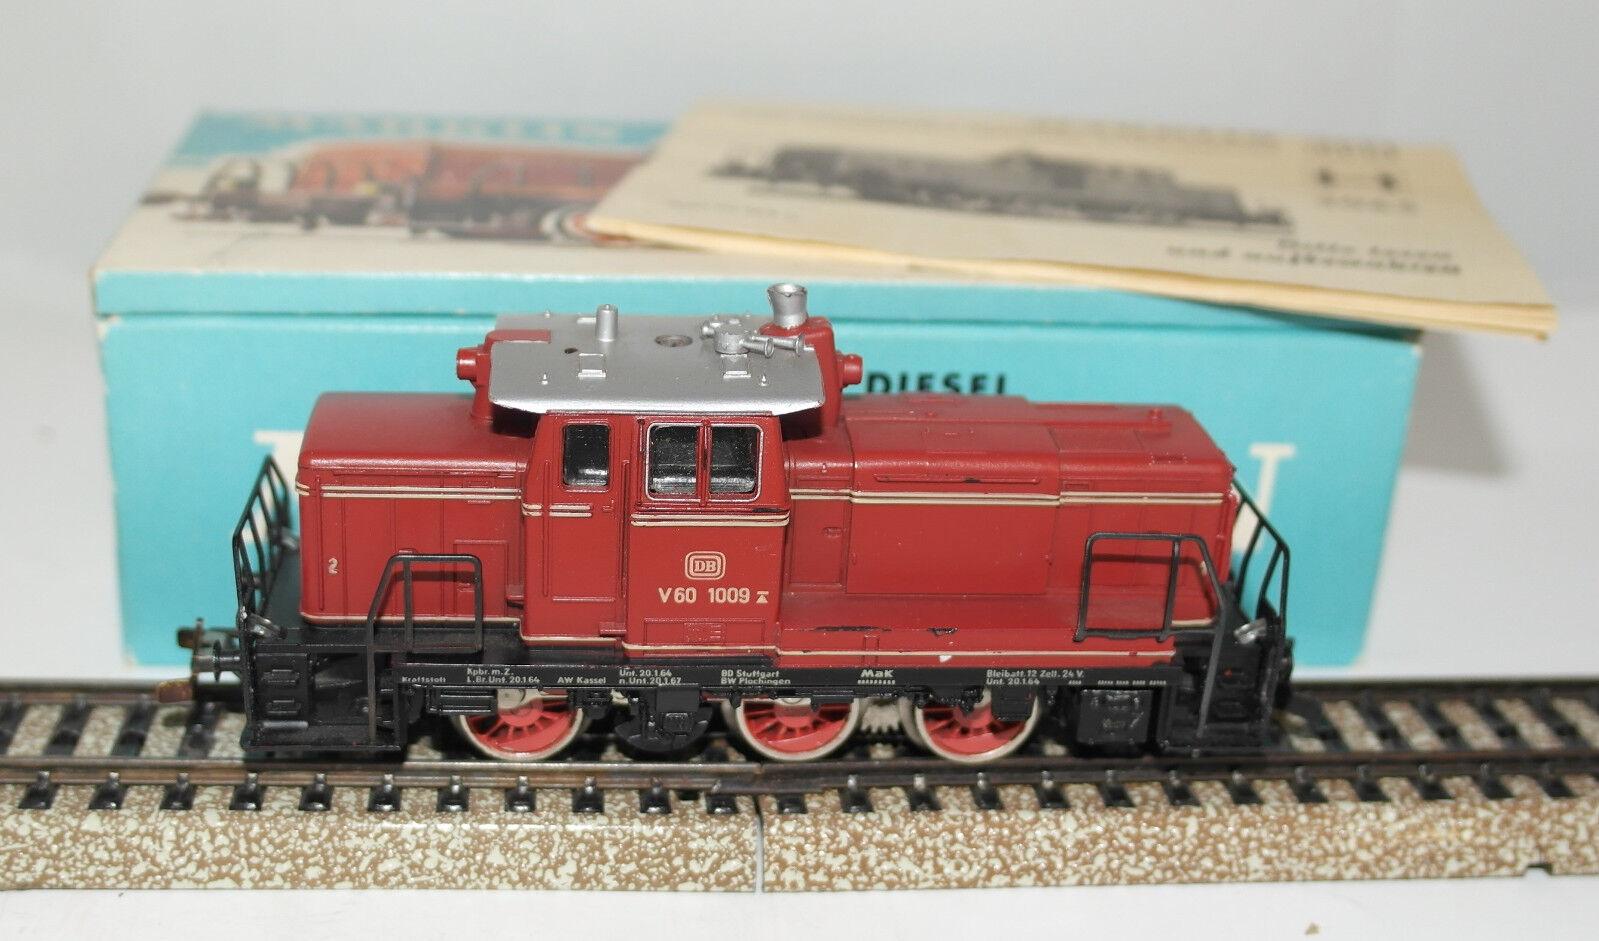 MARKLIN H0 [3065 loco diesel DB BR V 60 1009 molto bella in eller.Fält 1964